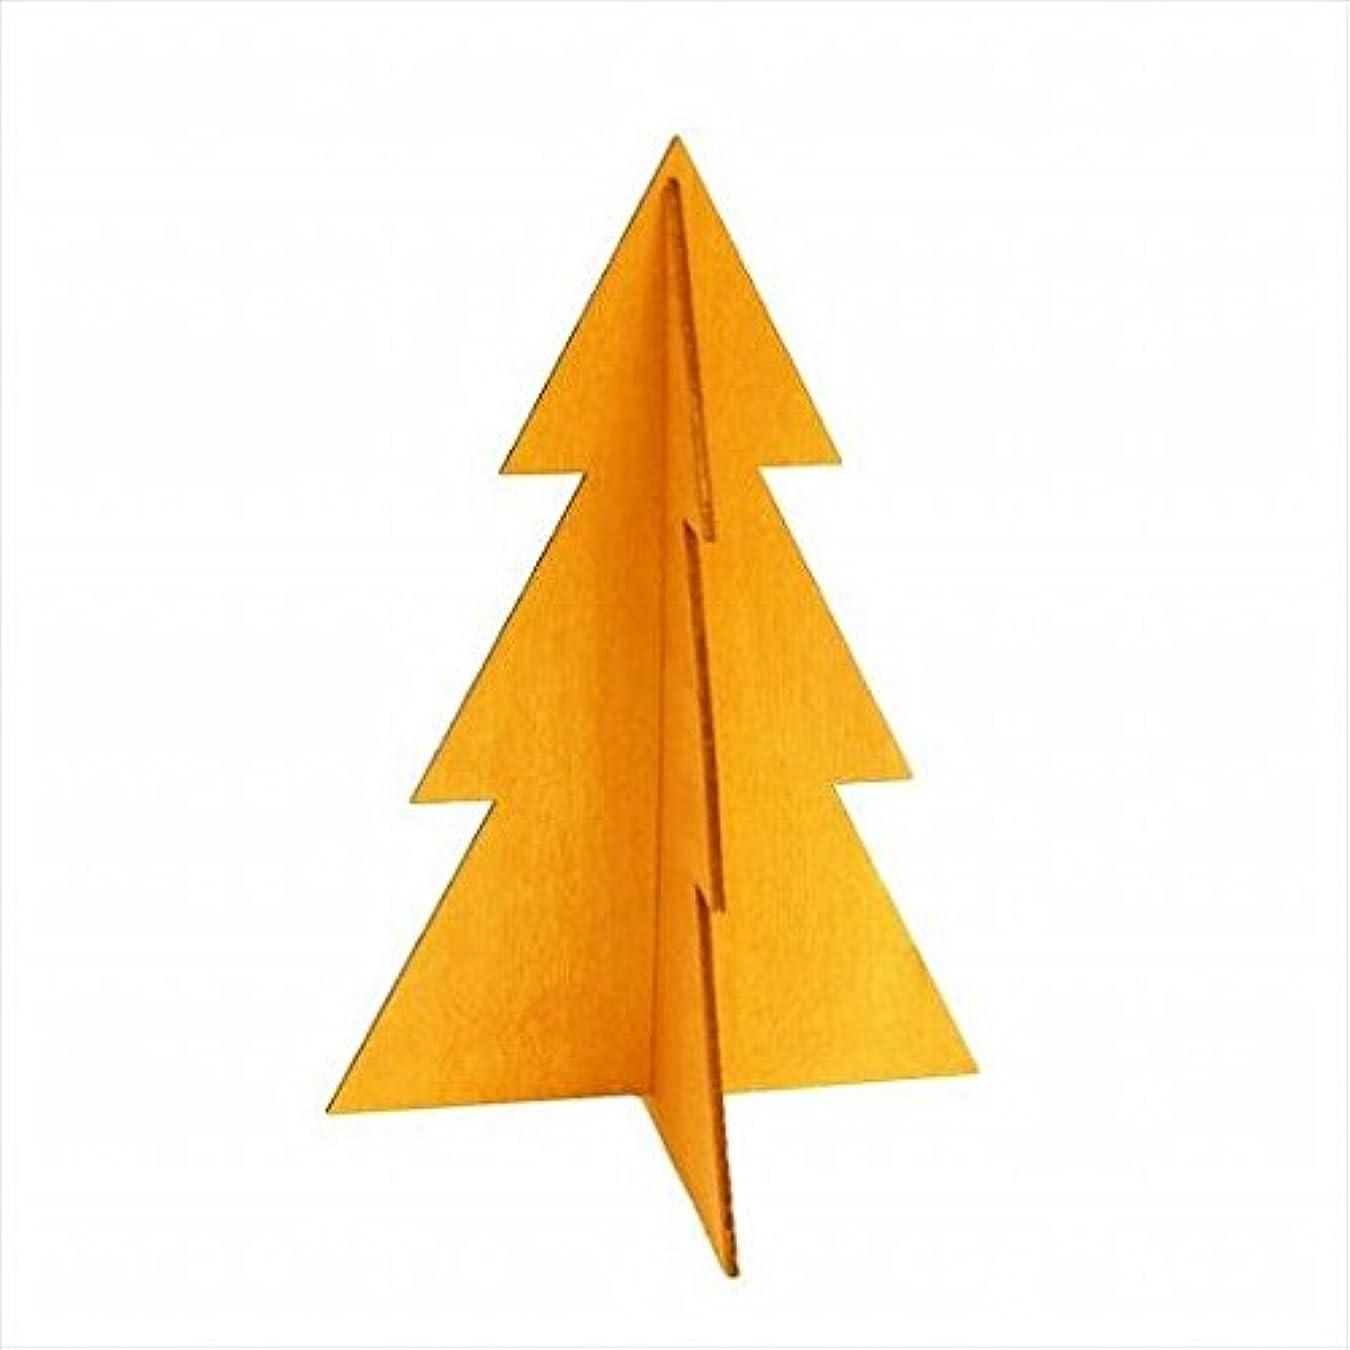 力学フクロウ固執kameyama candle(カメヤマキャンドル) フェスティブツリーM 「 オレンジ 」 キャンドル 144x144x210mm (I882243009)